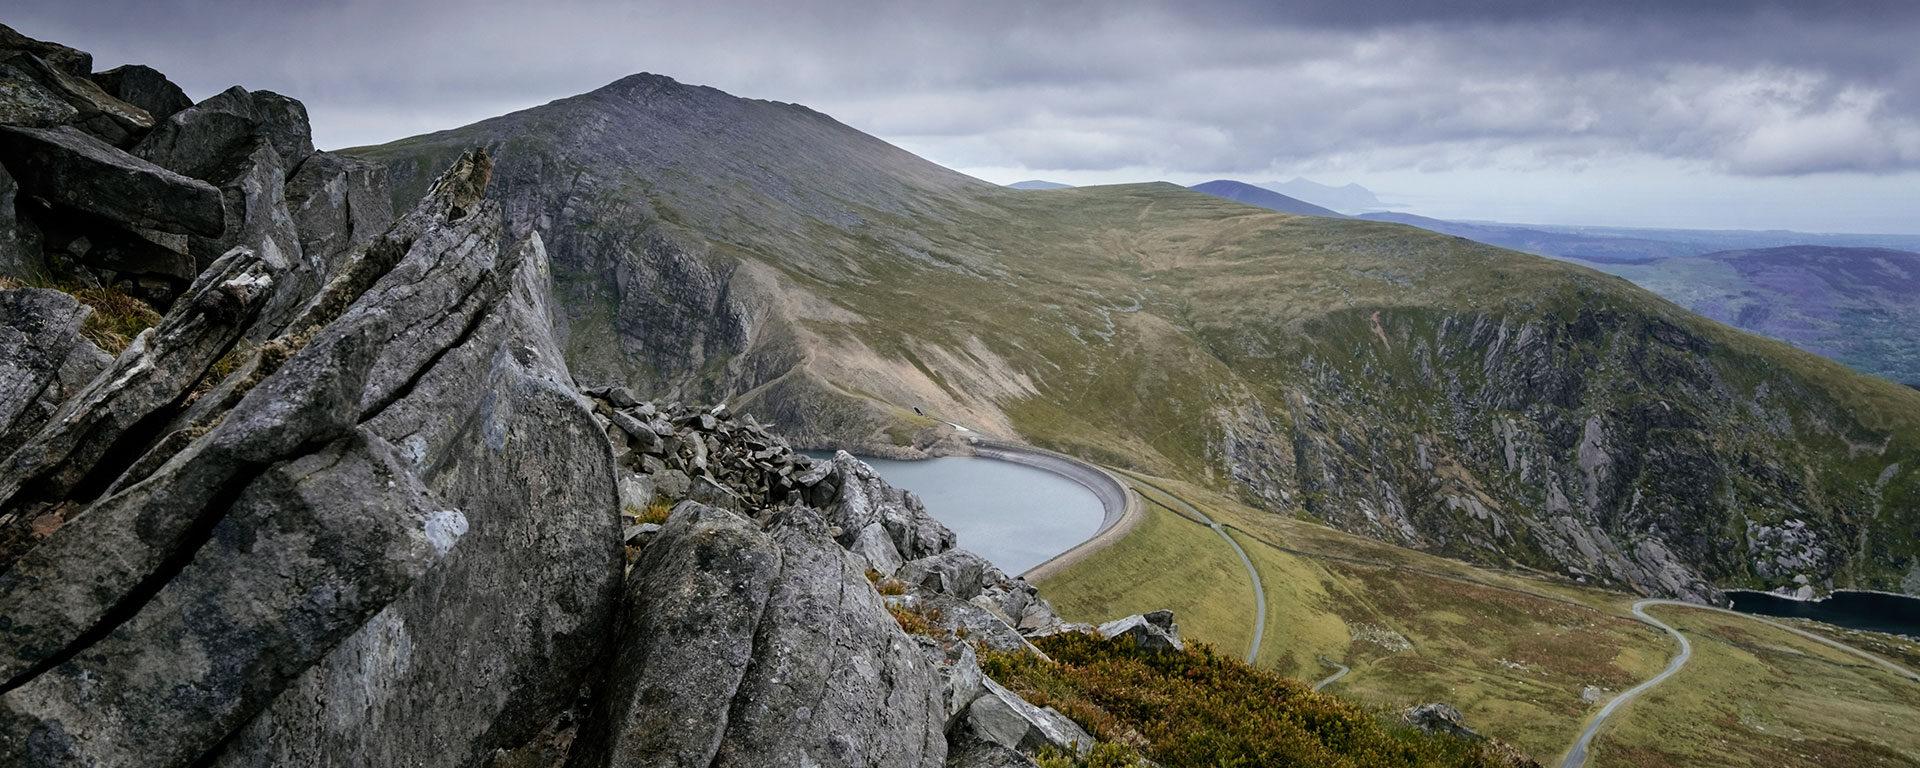 Become a Snowdonia National Park Ambassador